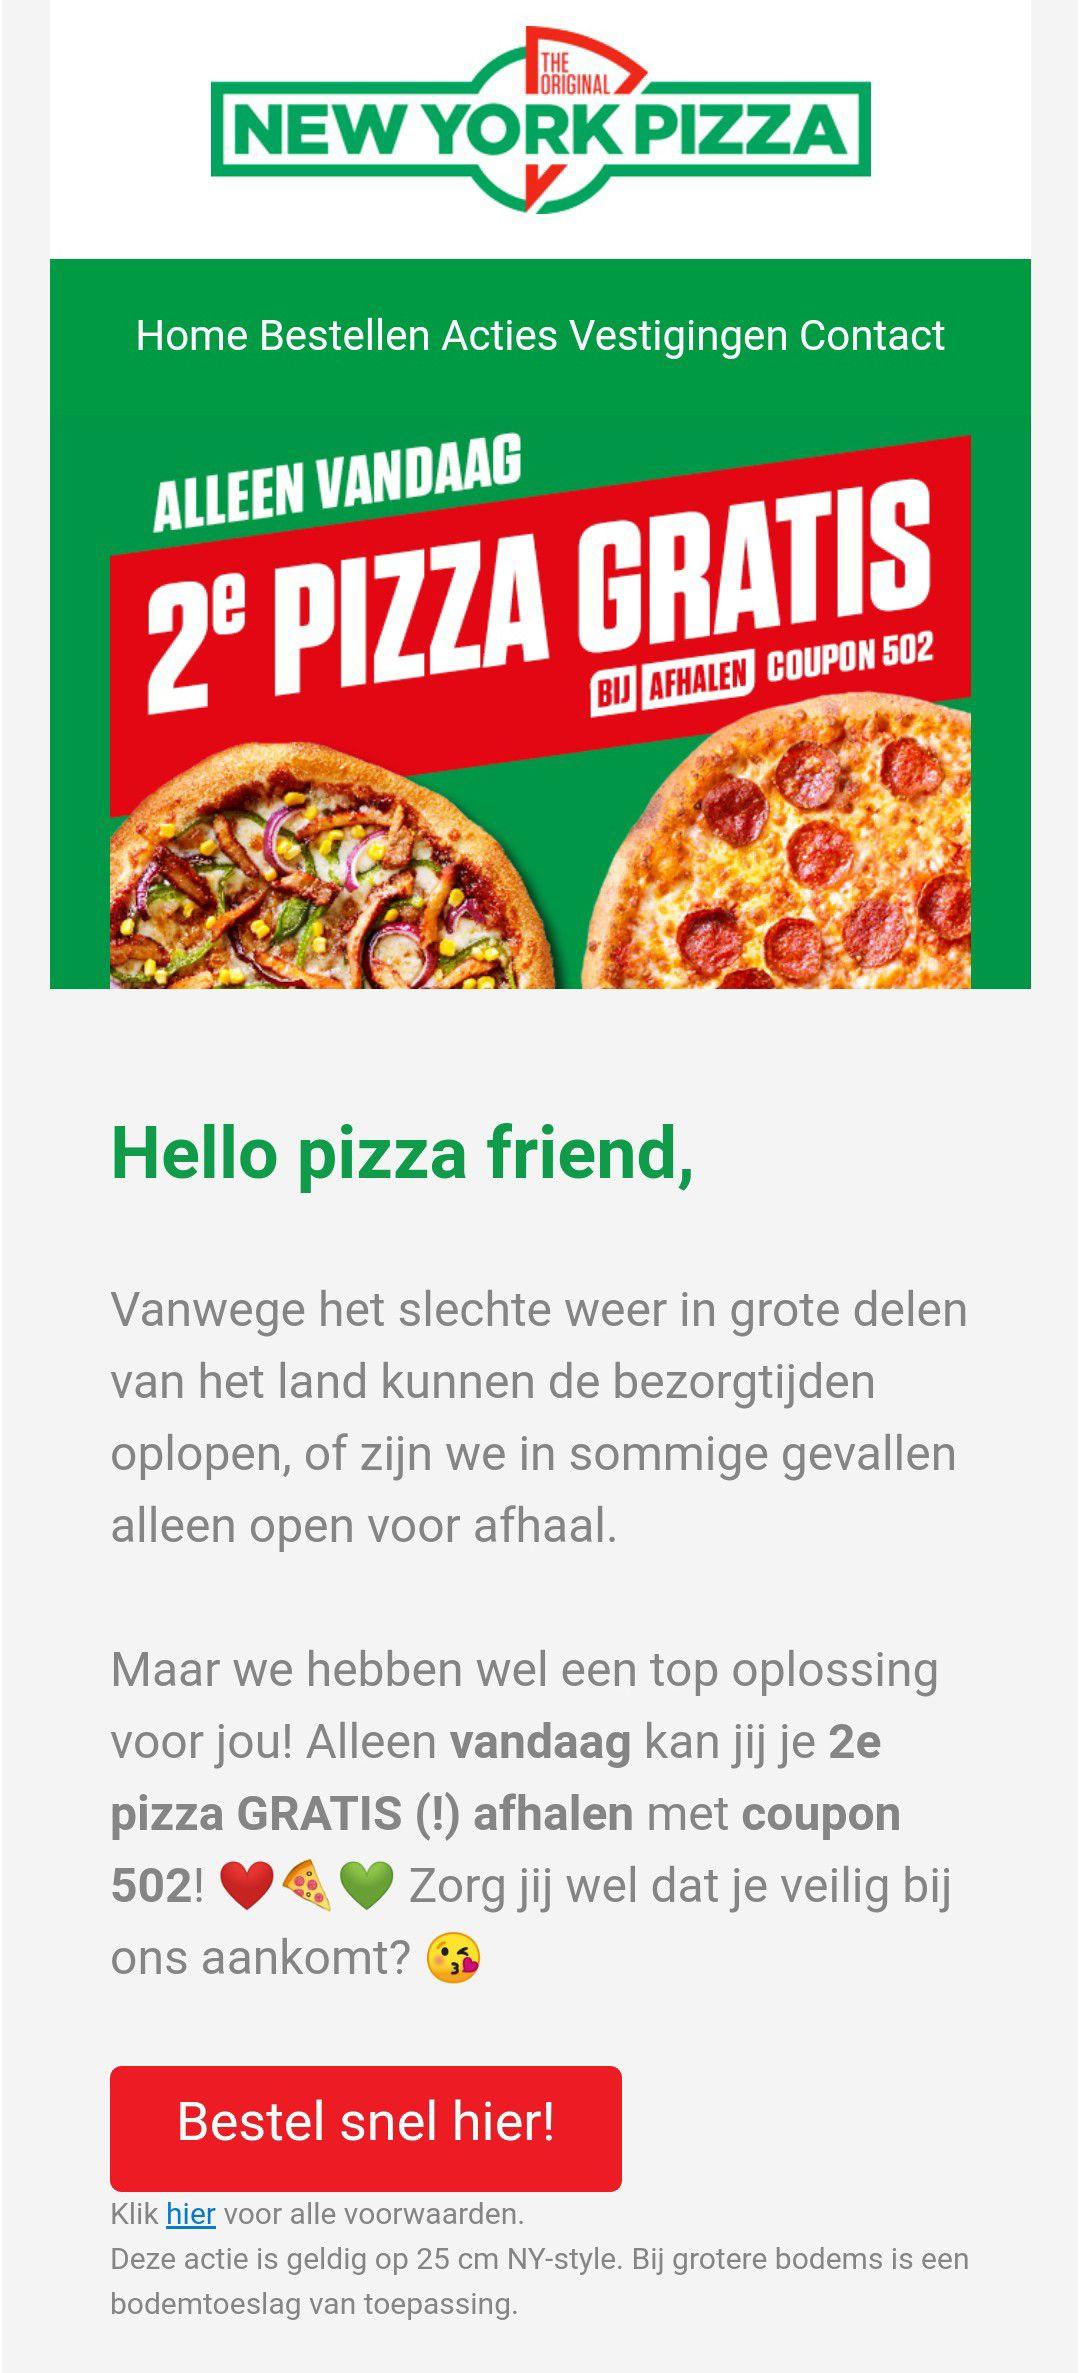 New York Pizza tweede pizza gratis bij afhalen alleen vandaag geldig!